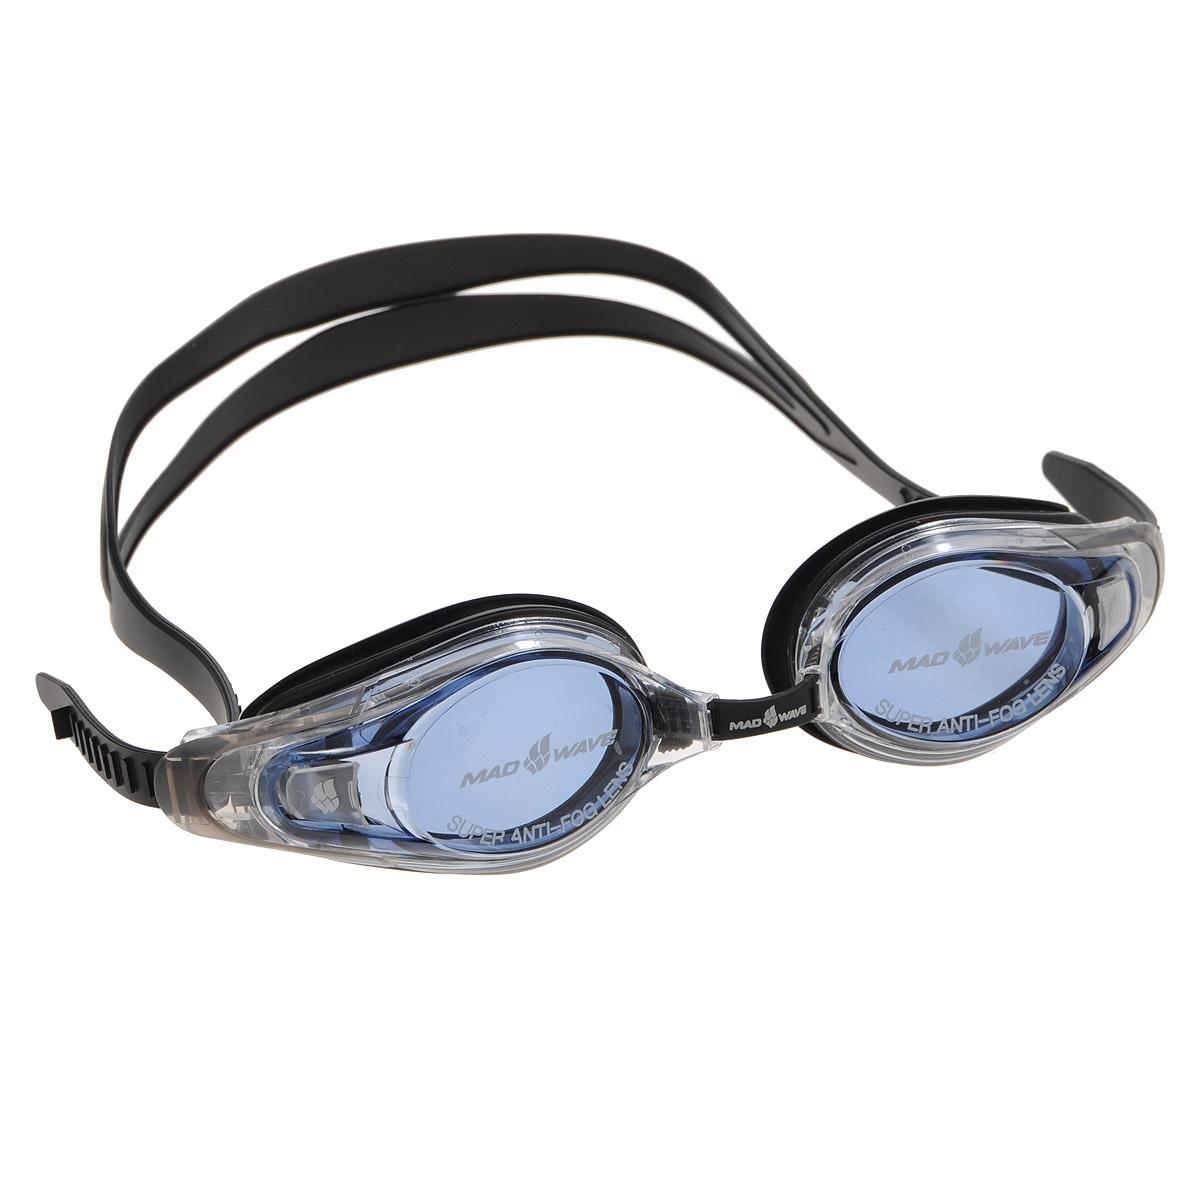 Очки для плавания с диоптриями MadWave Optic Envy Automatic, цвет: черный, -8